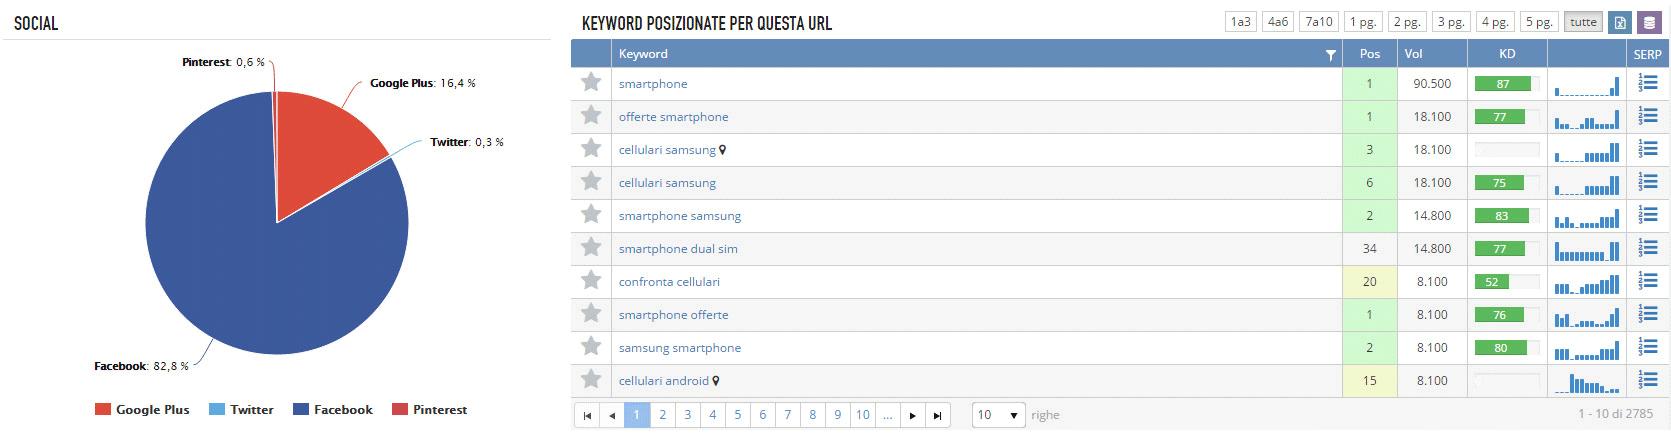 Grafico di SEOZoom sul posizionamento delle parole chiave per url